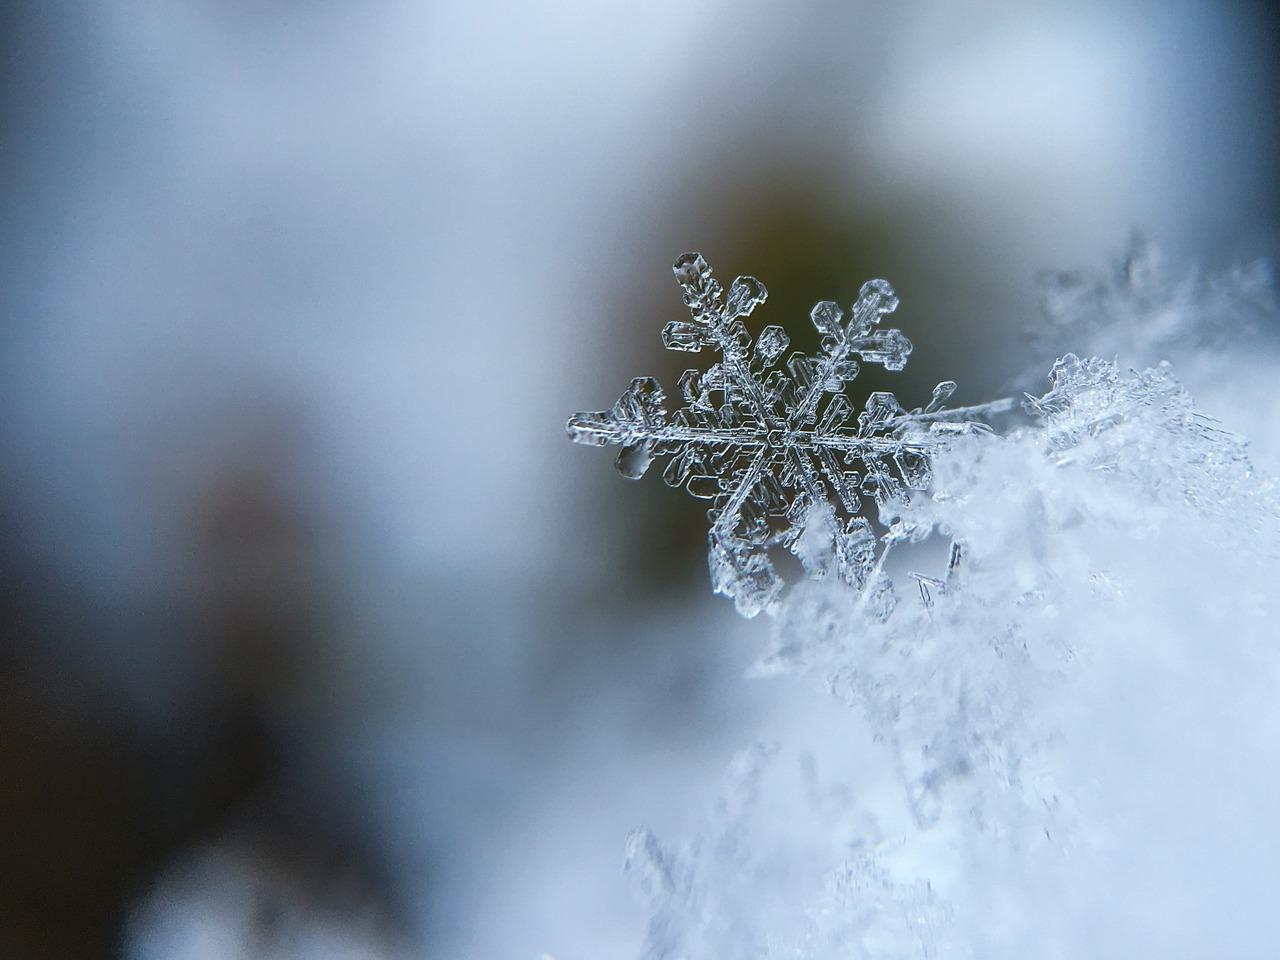 冬至。太陽が山羊座に移動【今日の星回りを仕事に活かす方法】